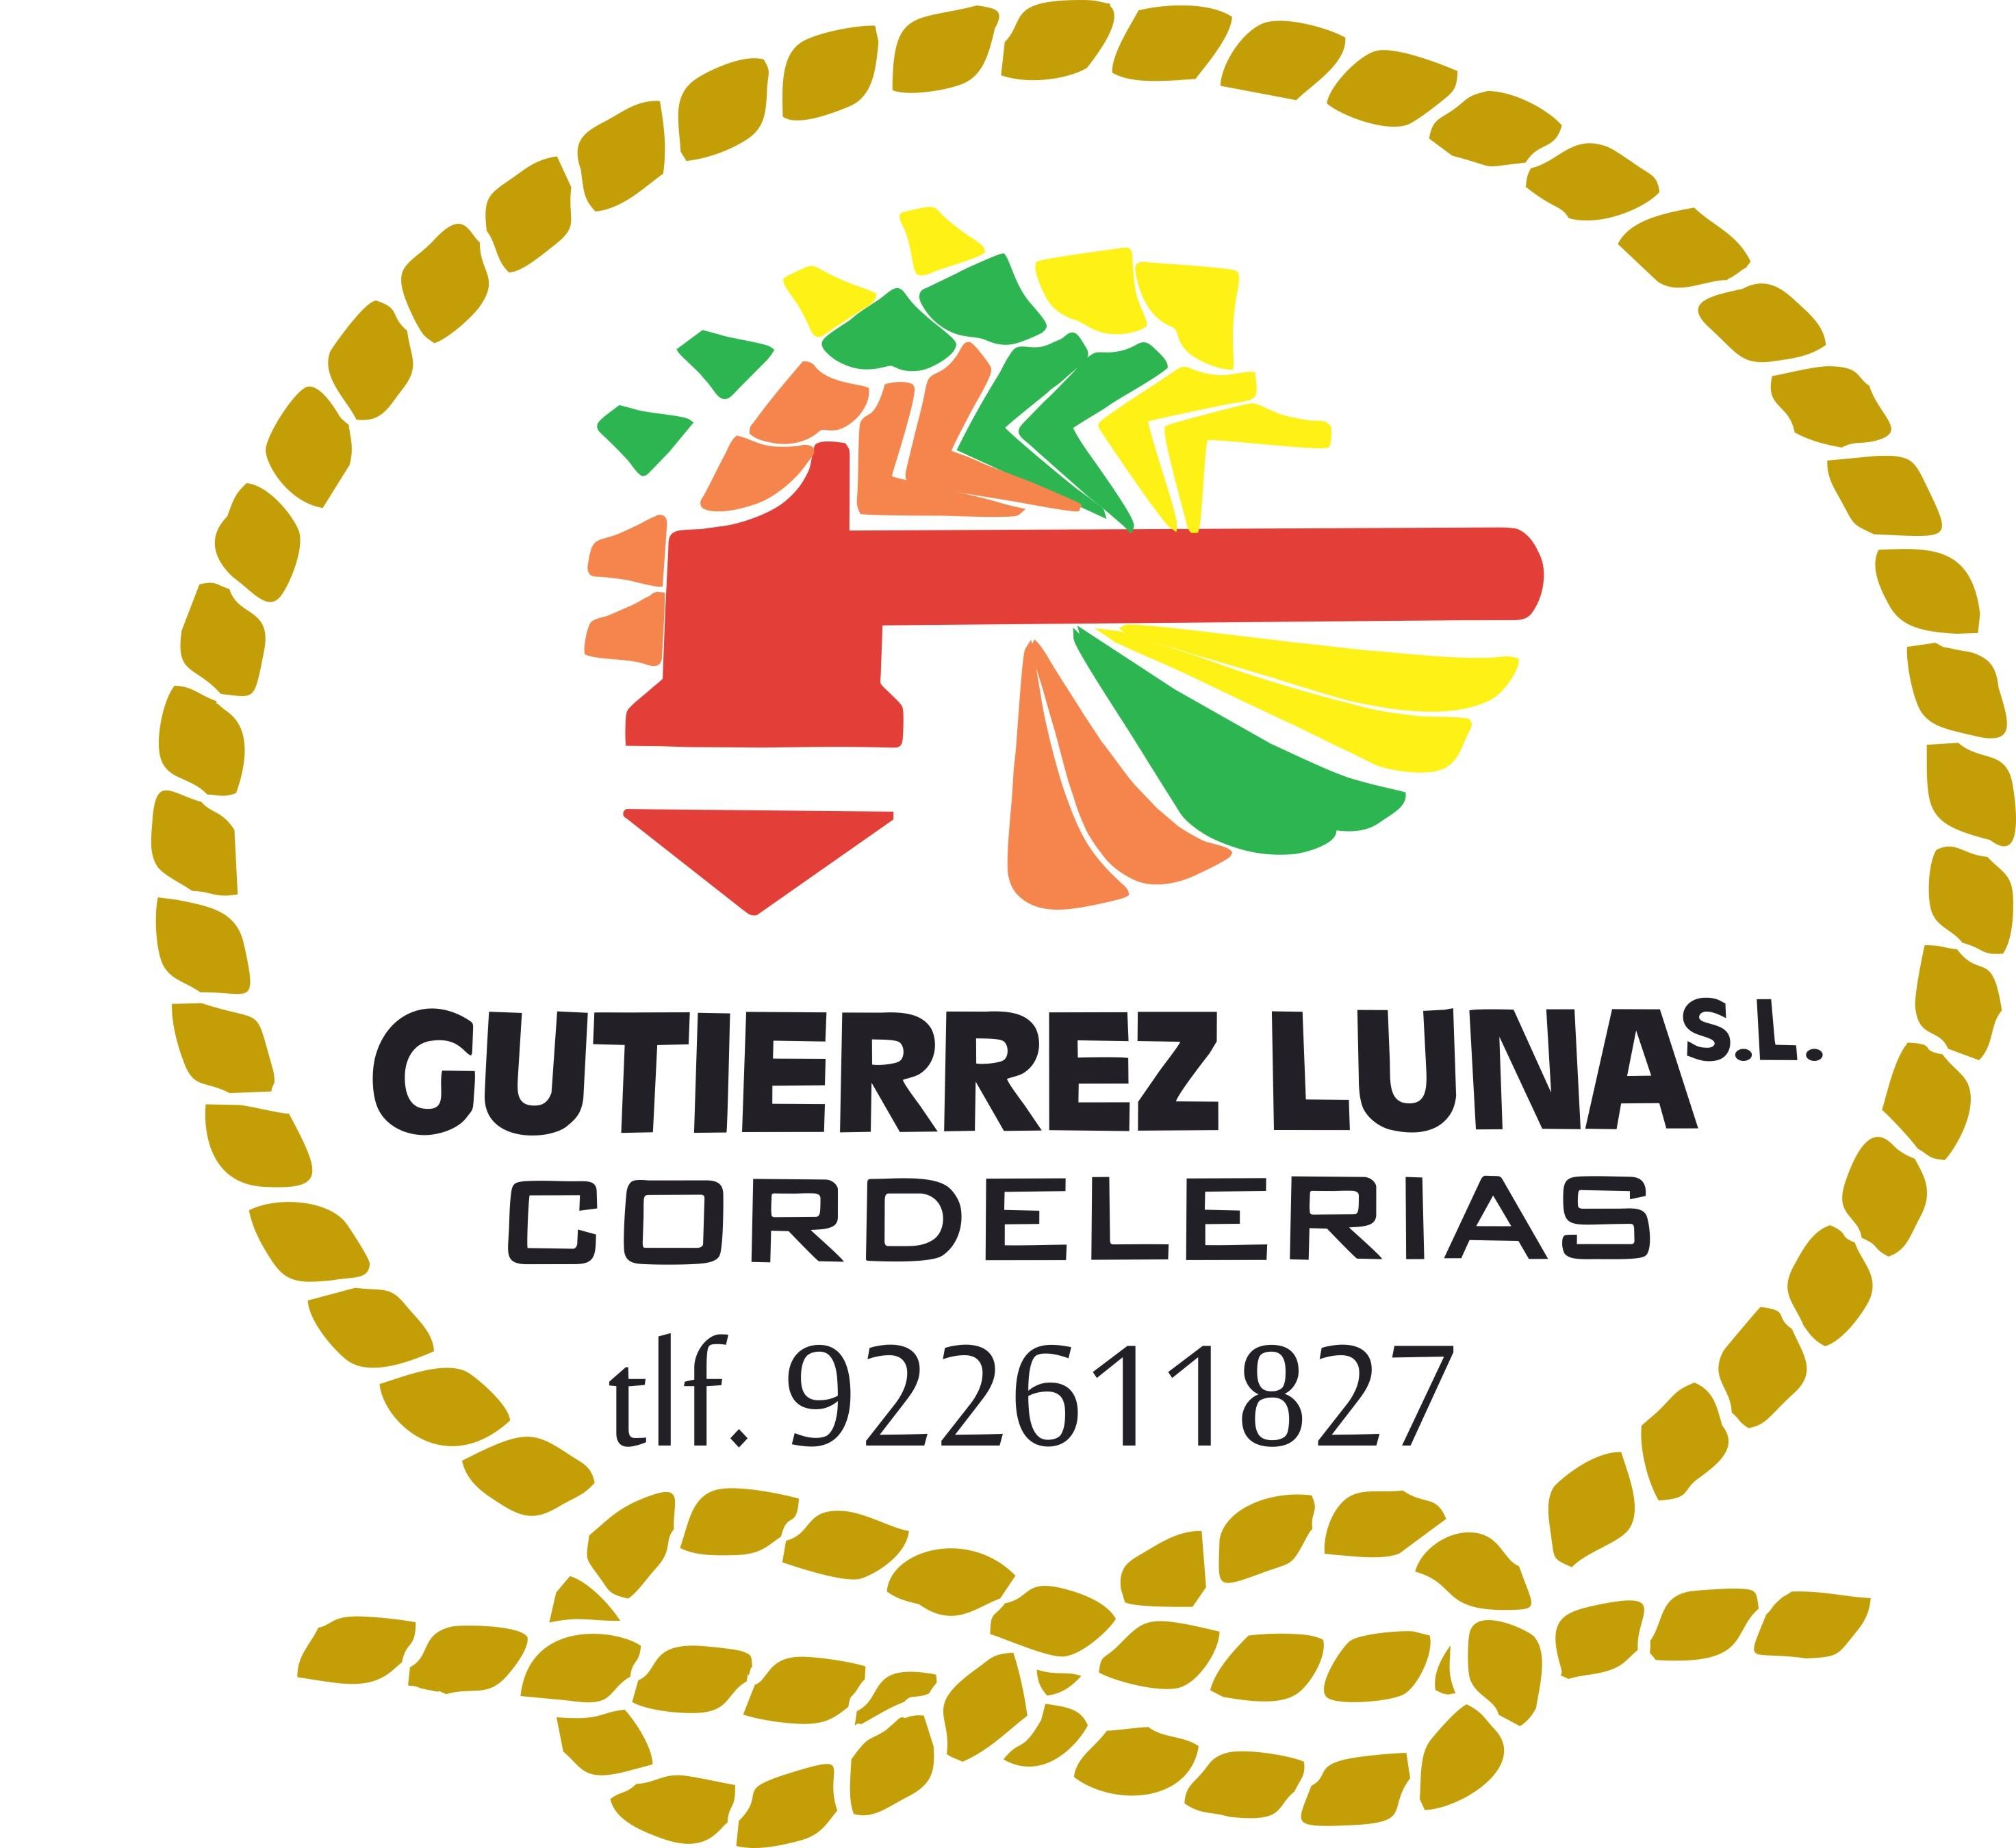 Representaciones Gutierrez Luna